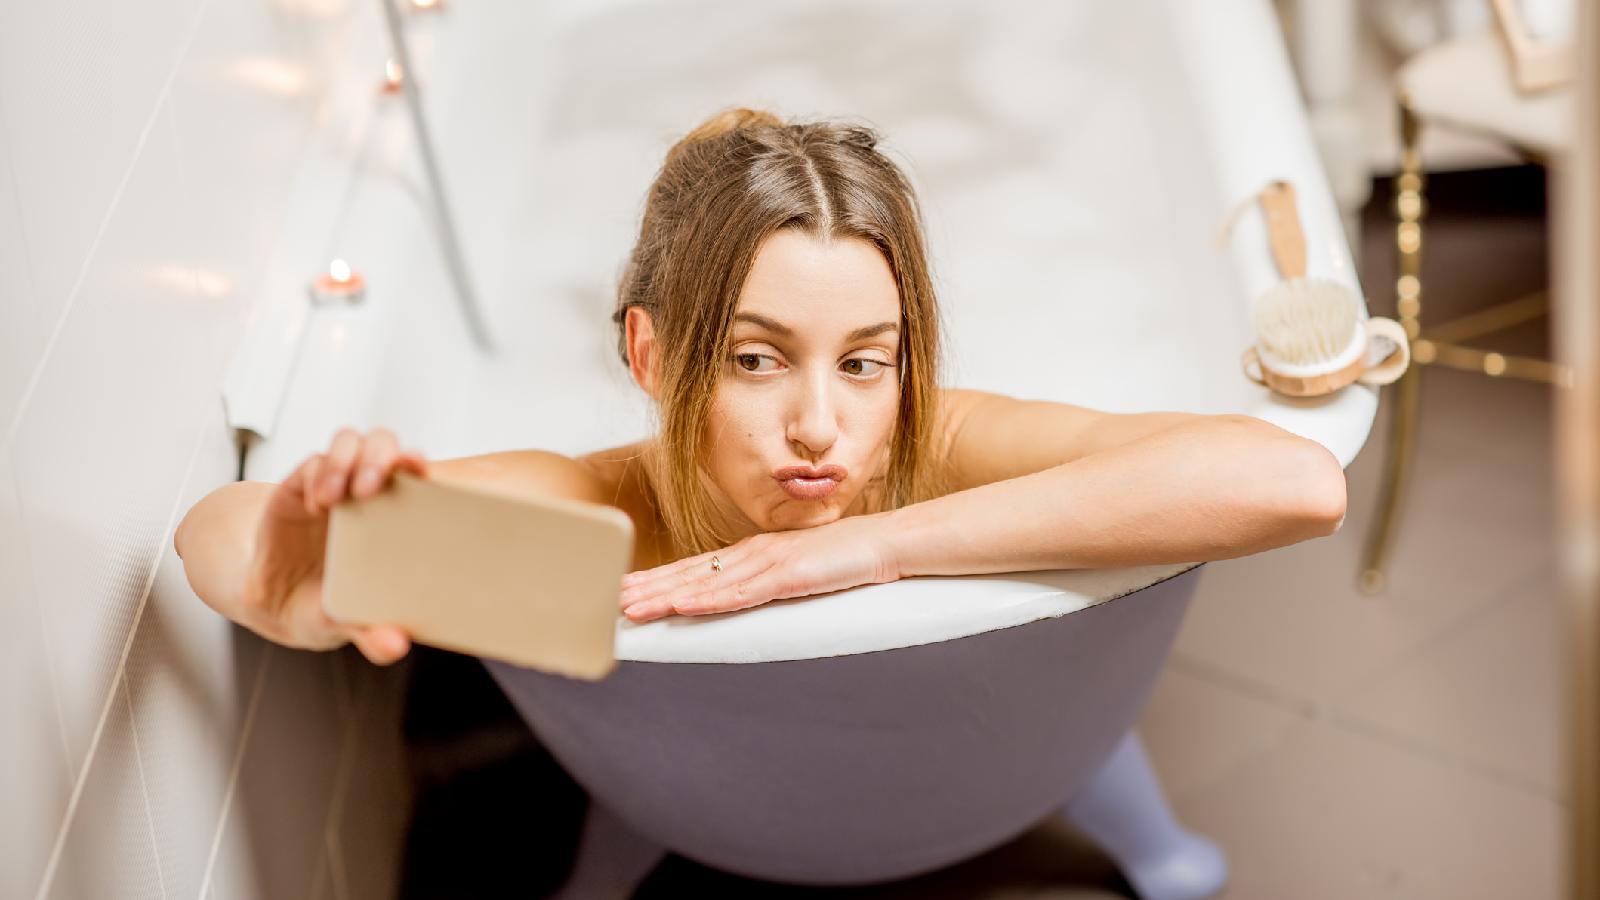 Darum solltest du nie dein Handy mit in die Badewanne nehmen